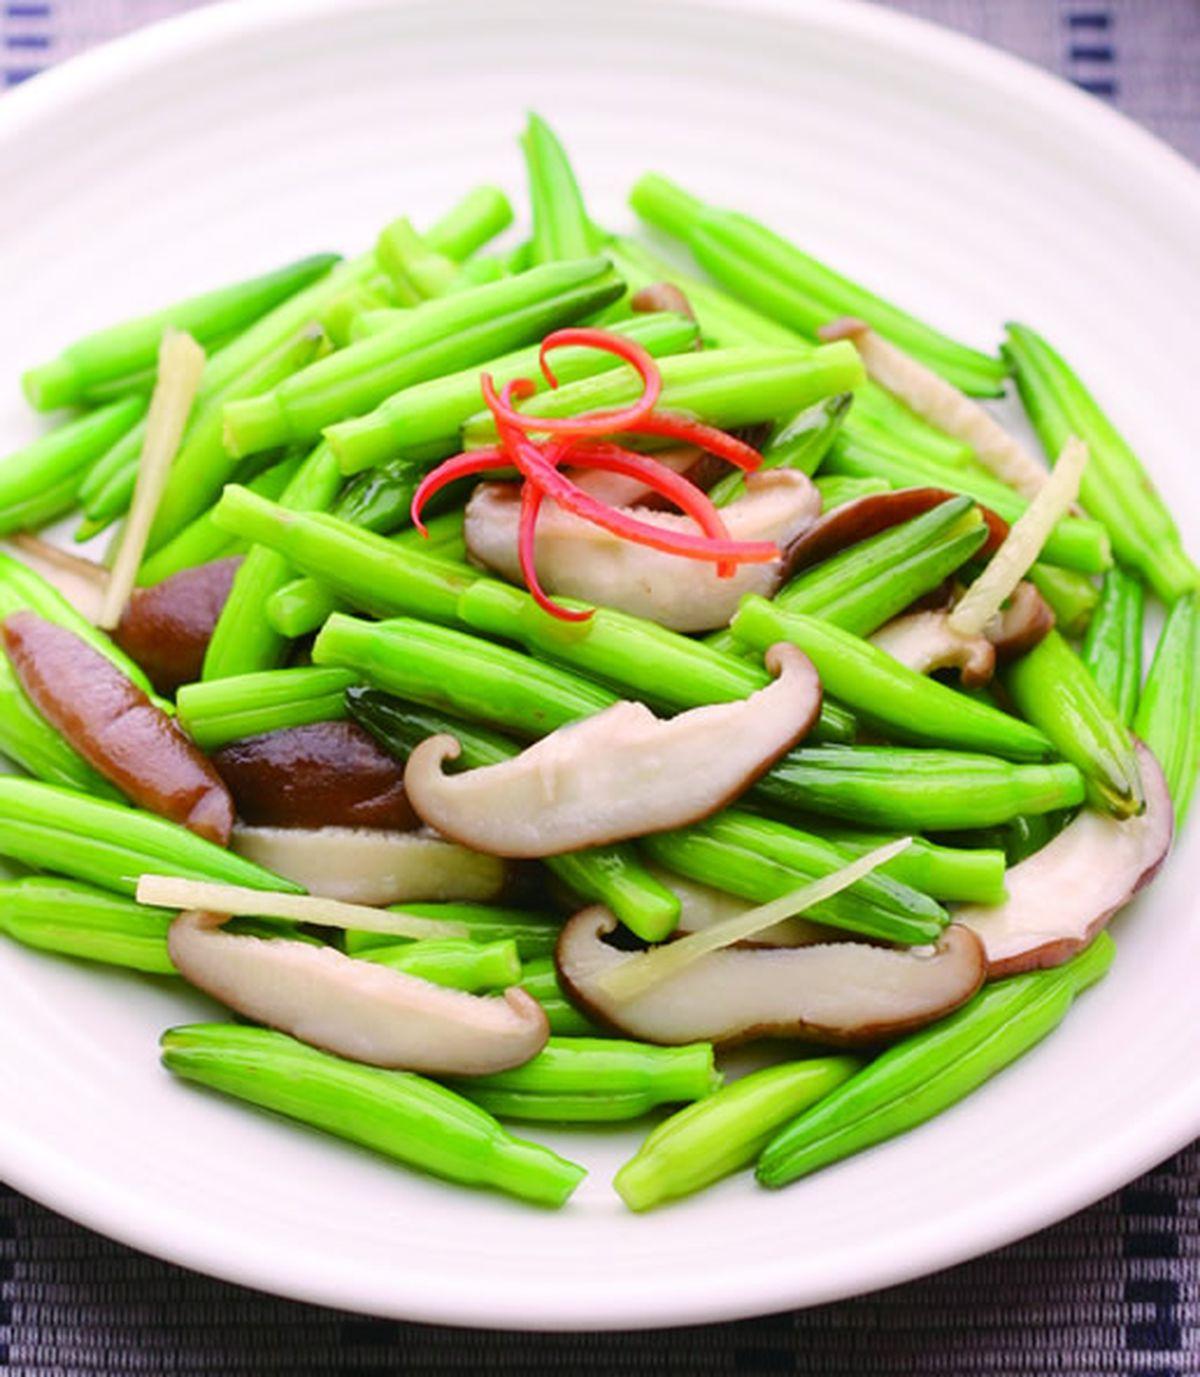 食譜:鮮香菇炒綠金針